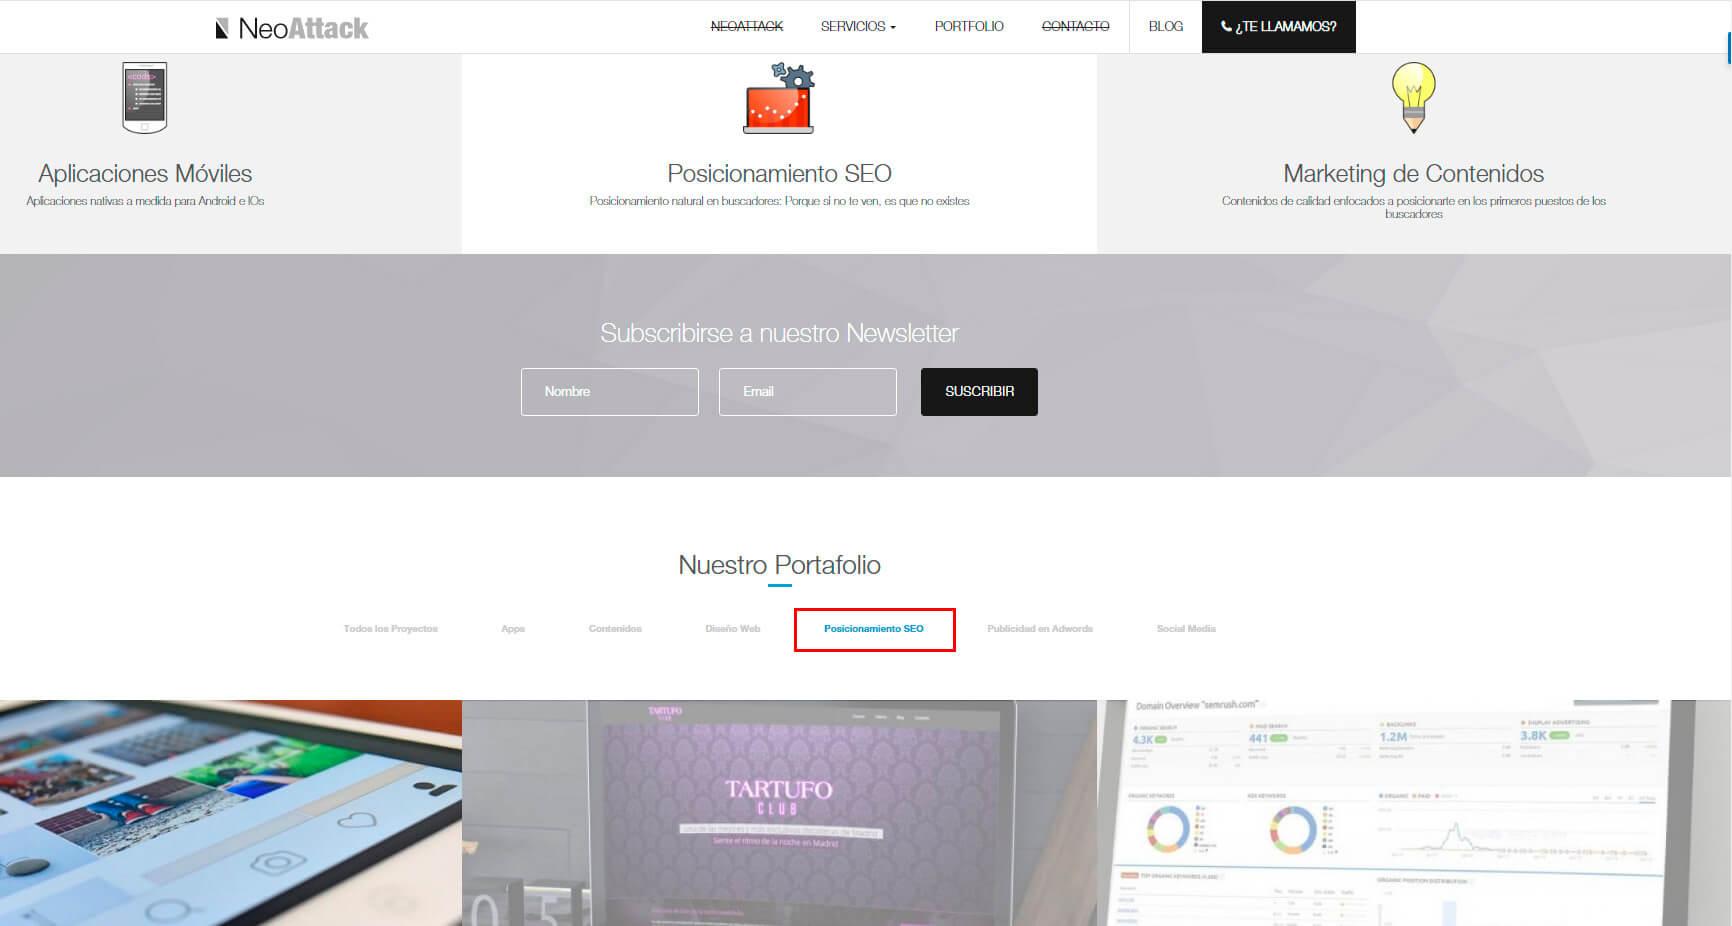 Usabilidad web para mejorar la Gestión y Control de Enlaces Internos